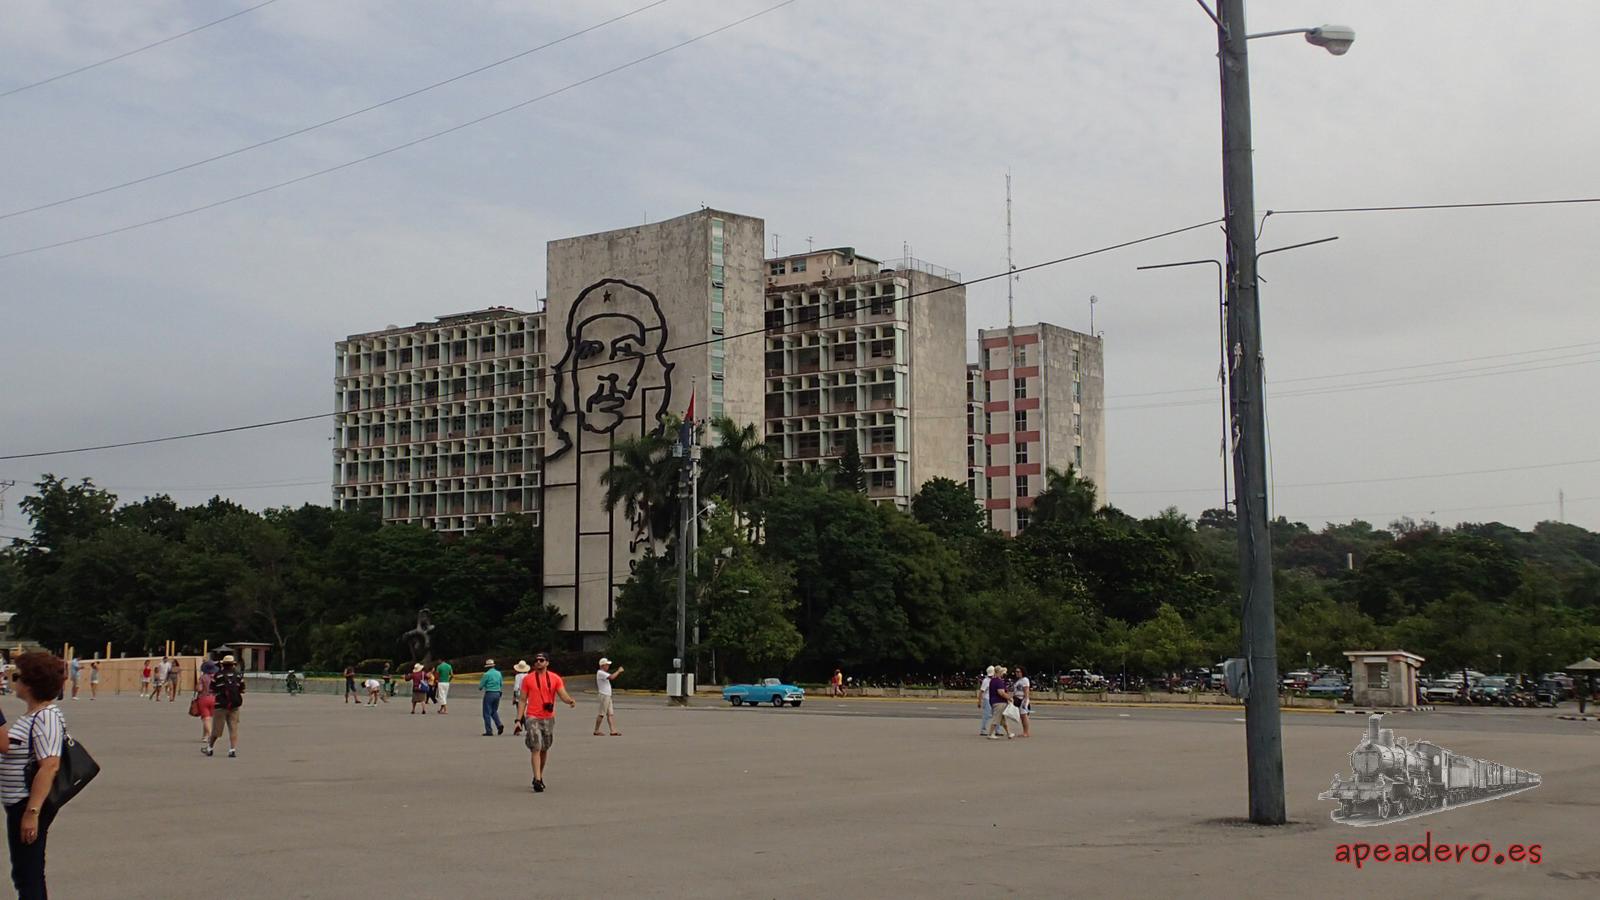 La plaza de la revolución. Imposible no visitarla en un viaje a Cuba.